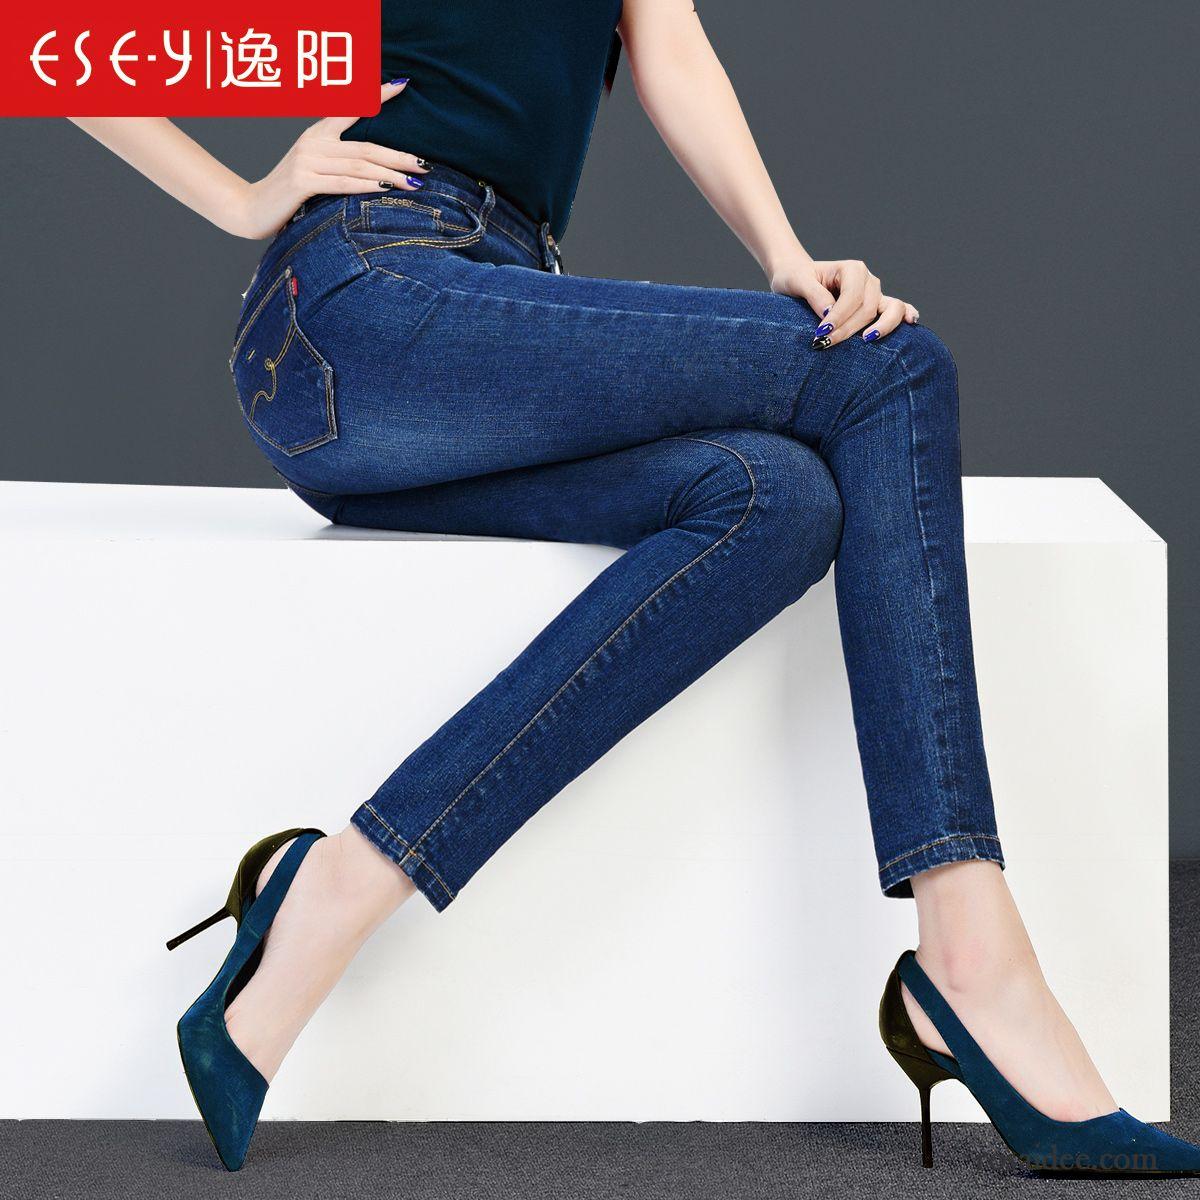 Verkauf Einzelhändler e730c 2f0ba Bootcut Jeans Schwarz Damen Herbst Große Größe Damen Hose ...